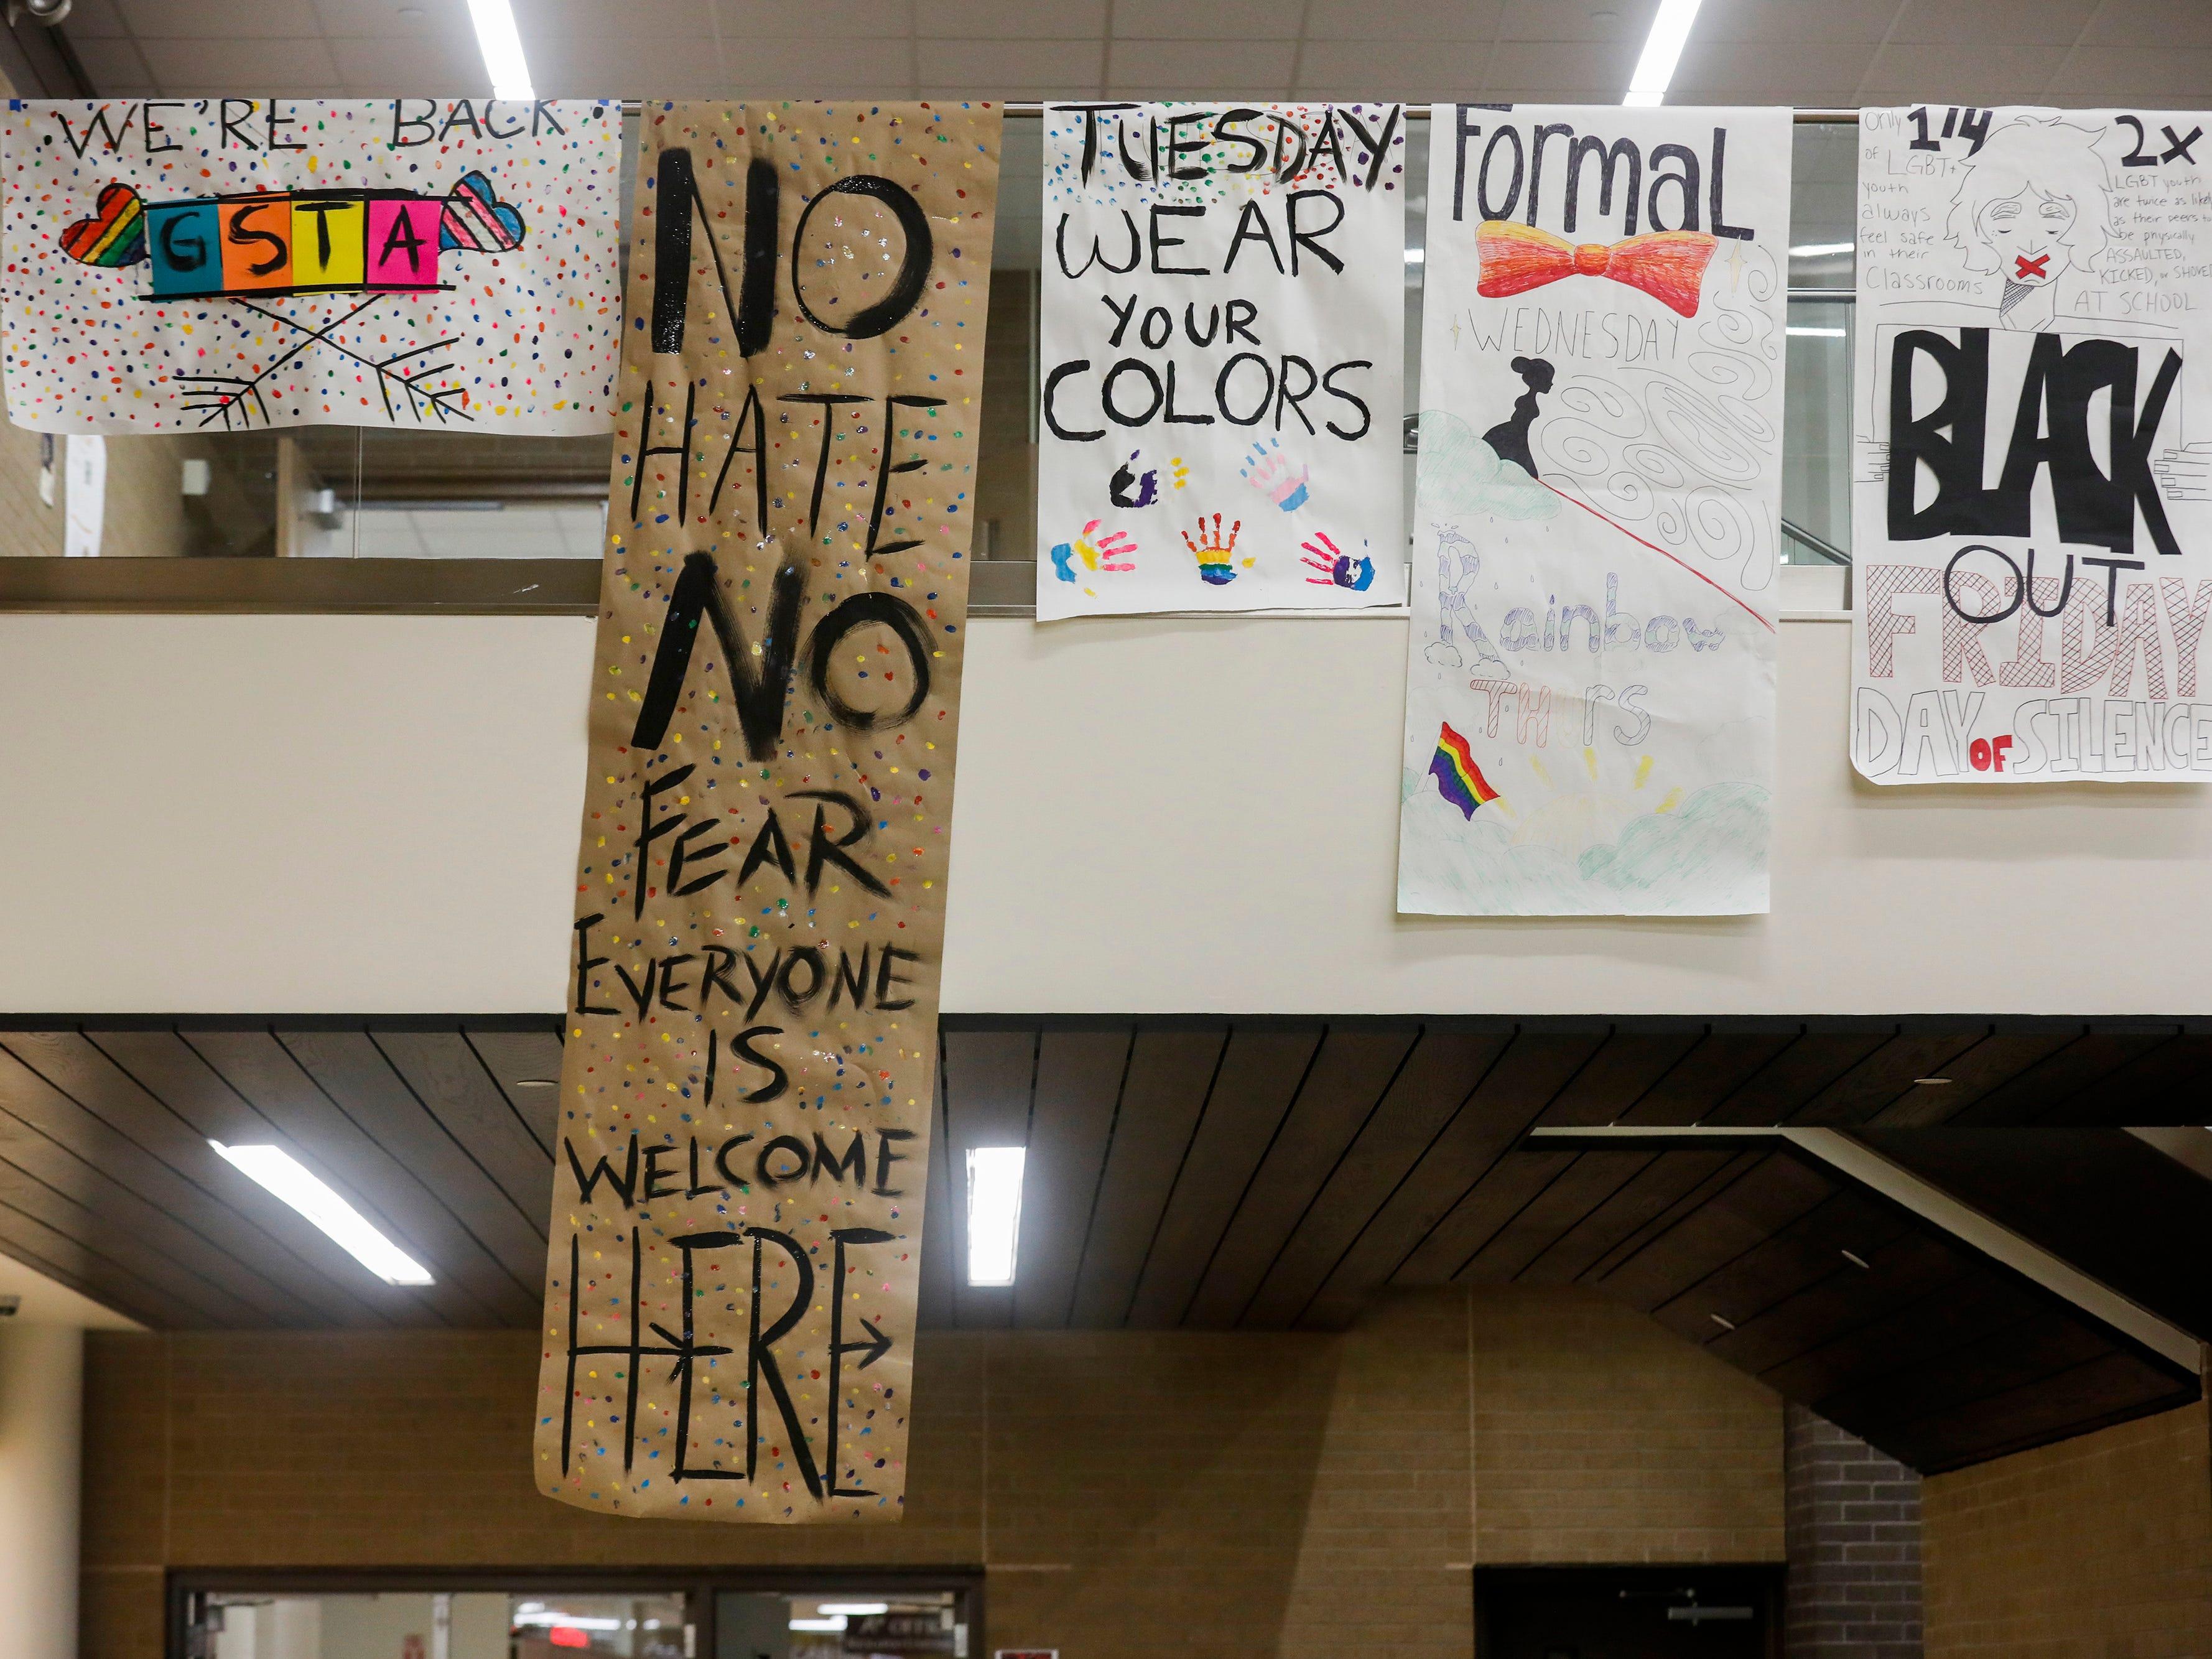 Springfield NAACP condemns LGBT bullying incidents at Kickapoo High